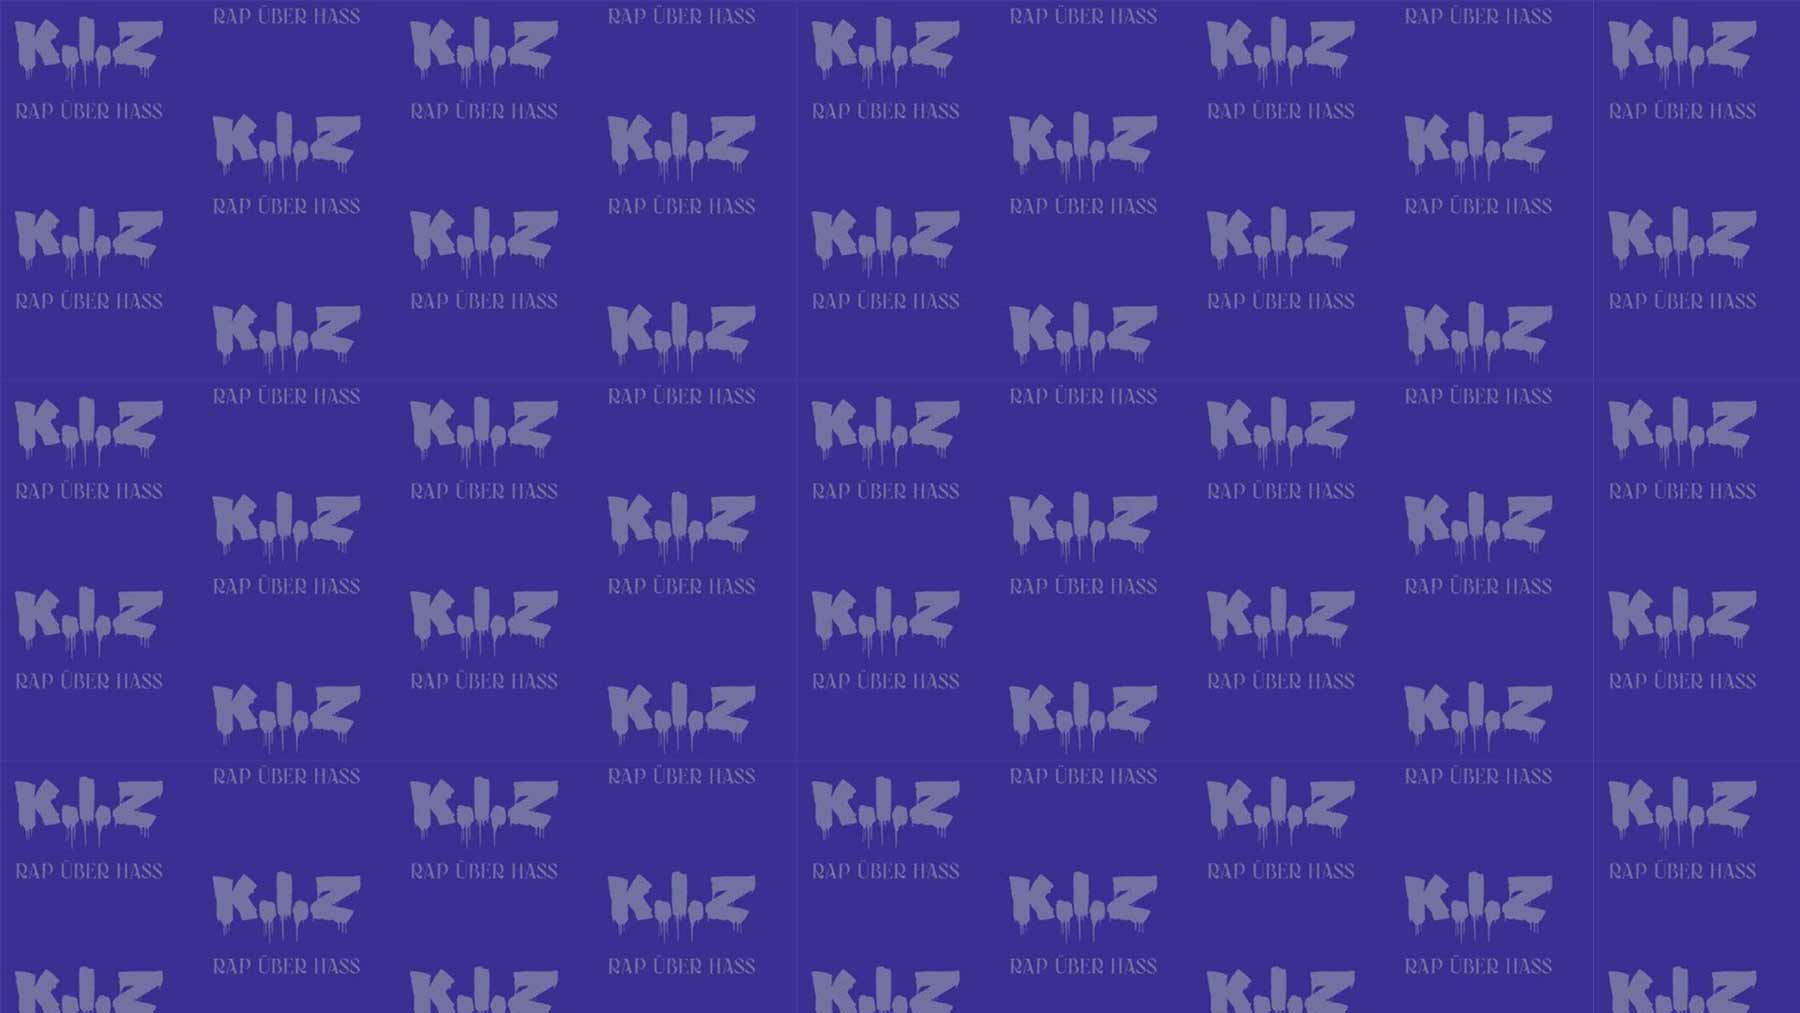 """K.I.Z halten öffentliche Pressekonferenz zum neuen Album """"Rap über Hass"""" KIZ-rap-ueber-hass-pk"""